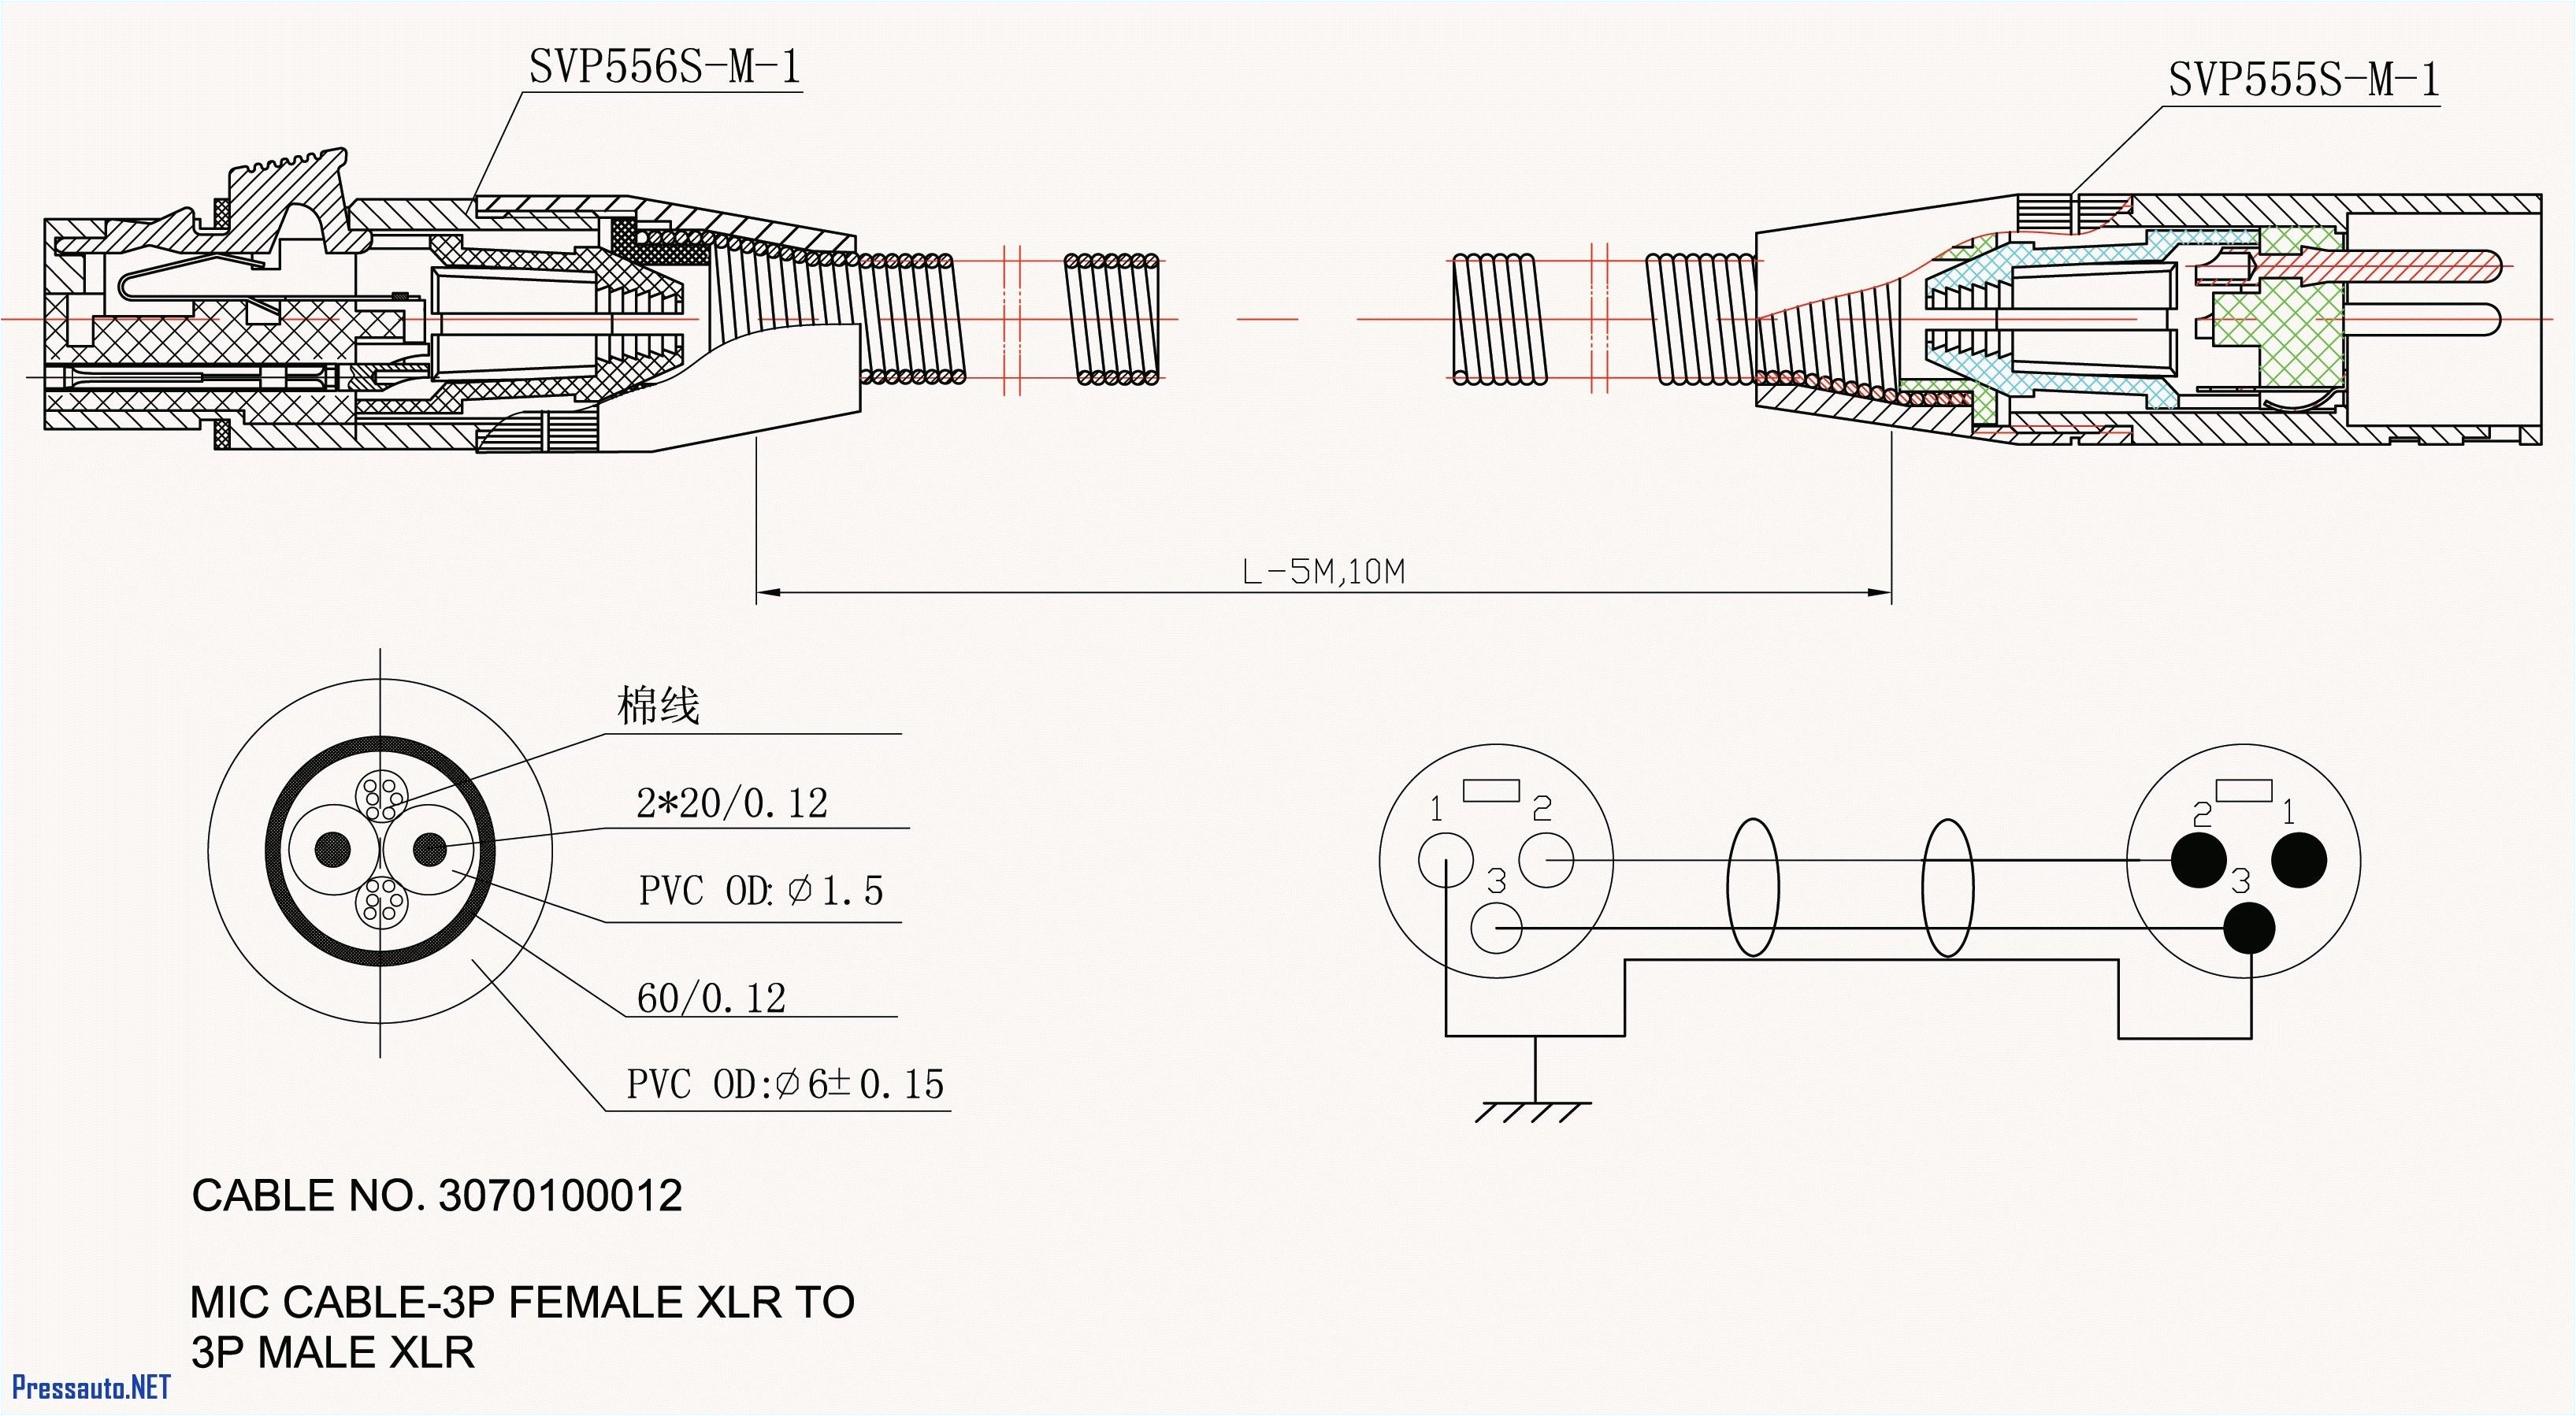 Xlr Mic Wiring Diagram Wiring Diagram Guitar Jack Save Xlr to Mono Jack Wiring Diagram In